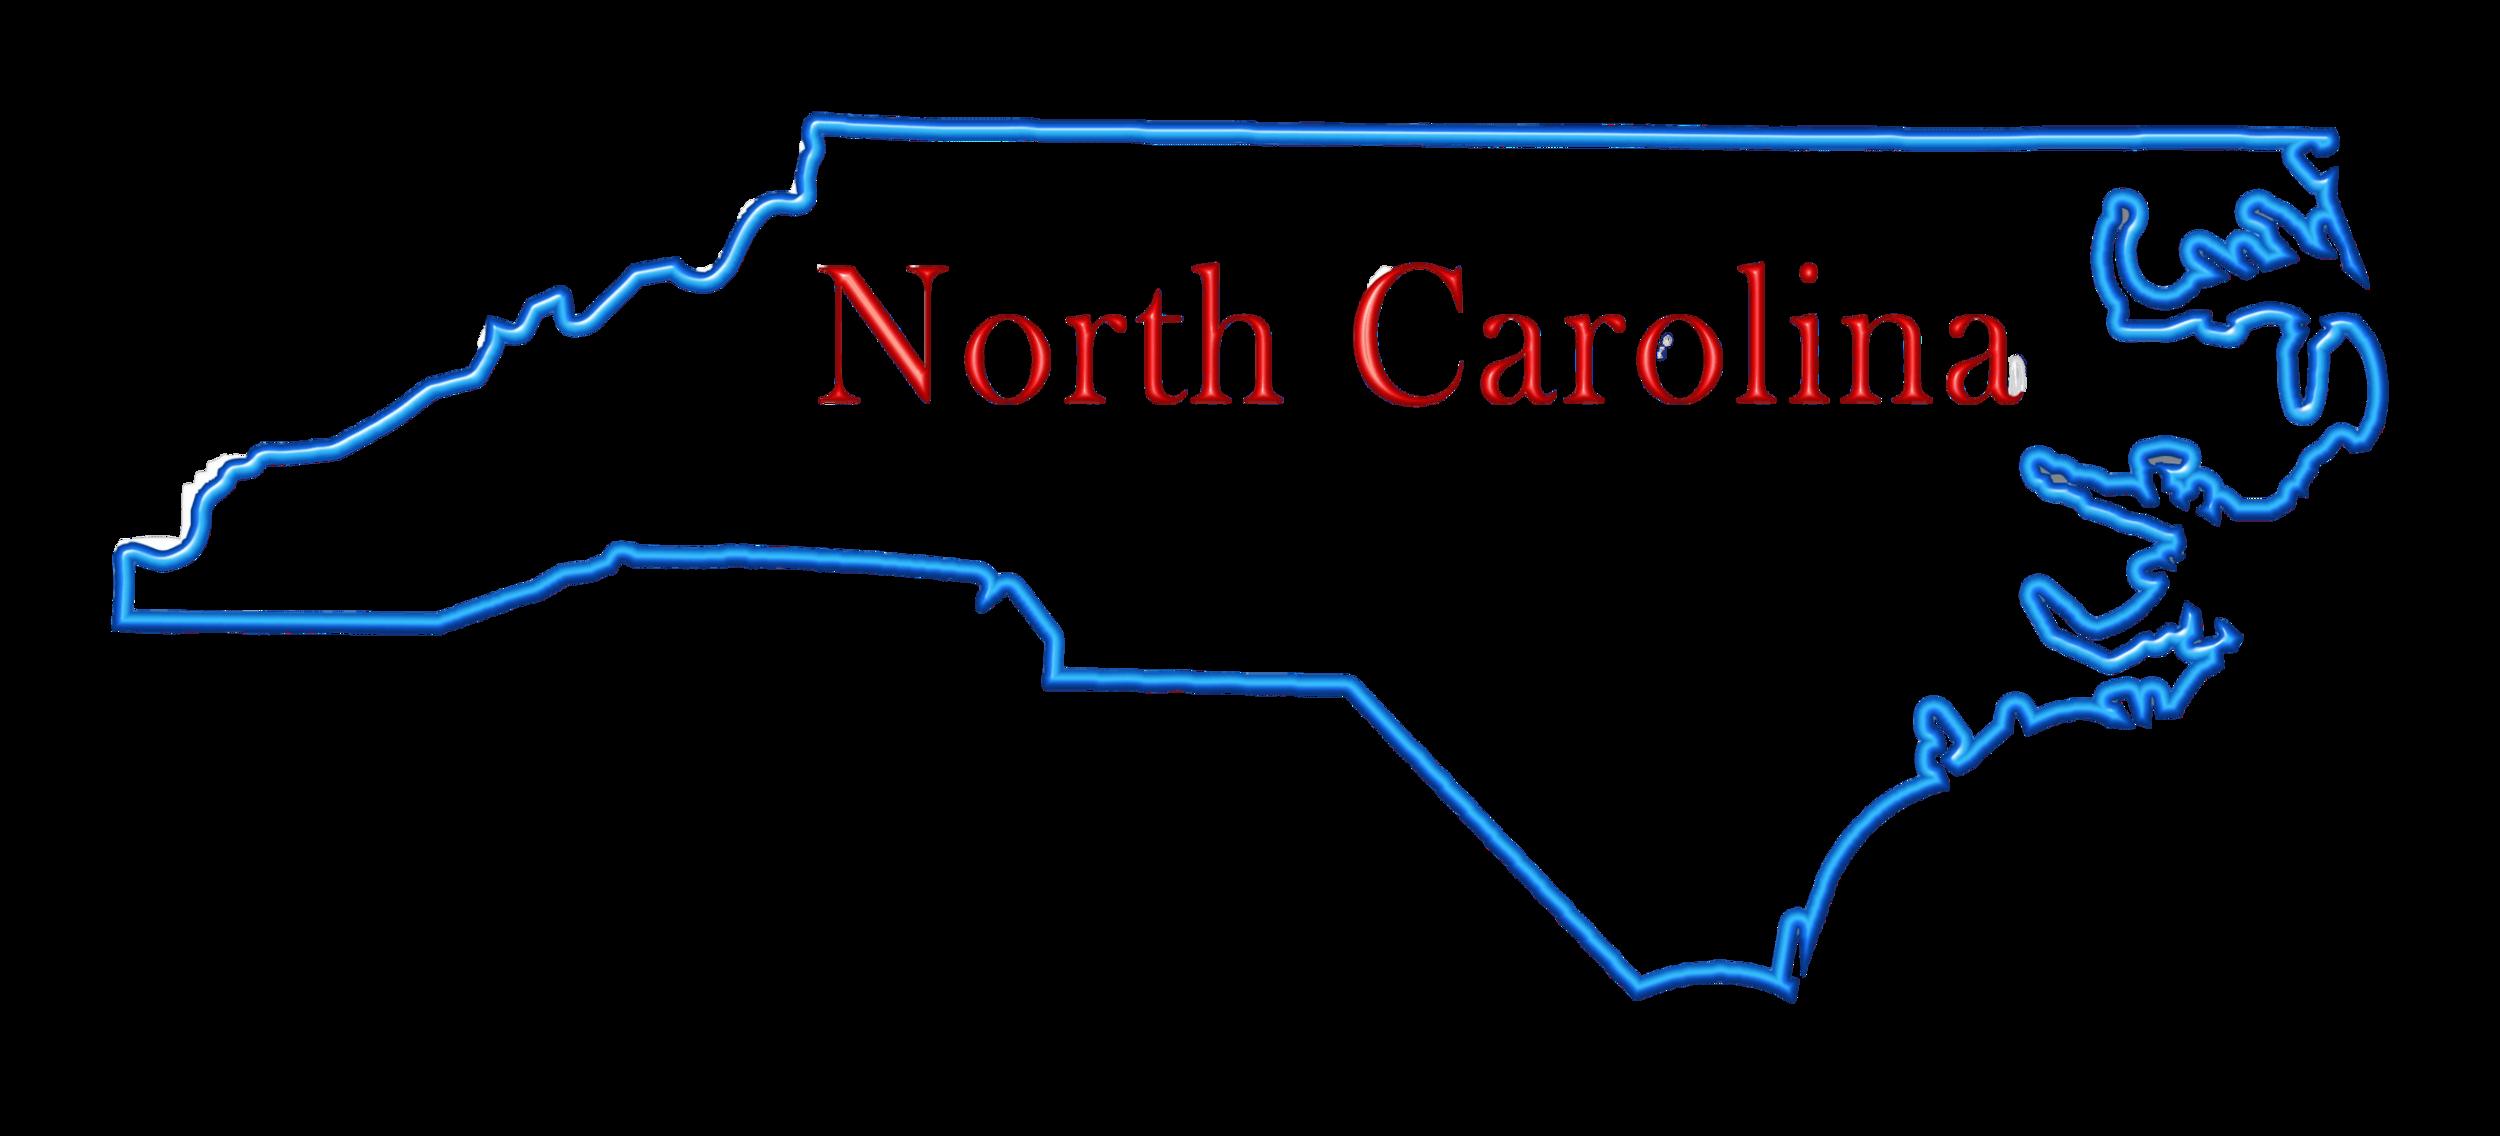 north-carolina-state-outline.png